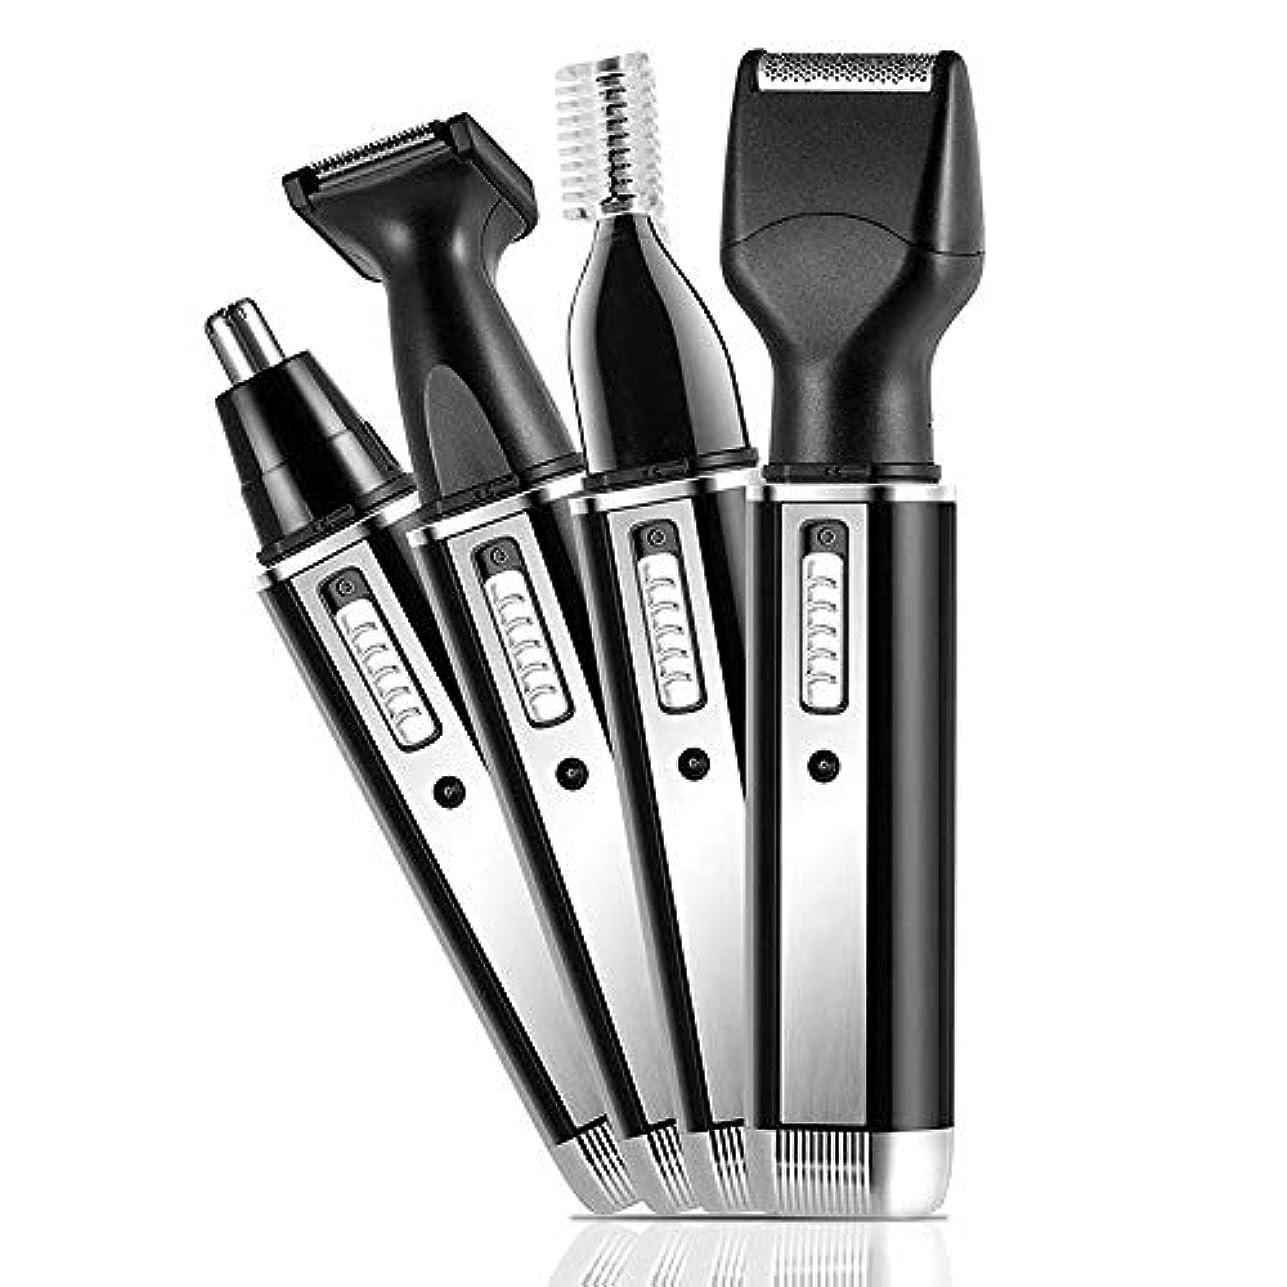 台無しに買い手成長する鼻毛 耳毛カッター マルチトリマー 多機能性4in1 USB充電式 内刃水洗い